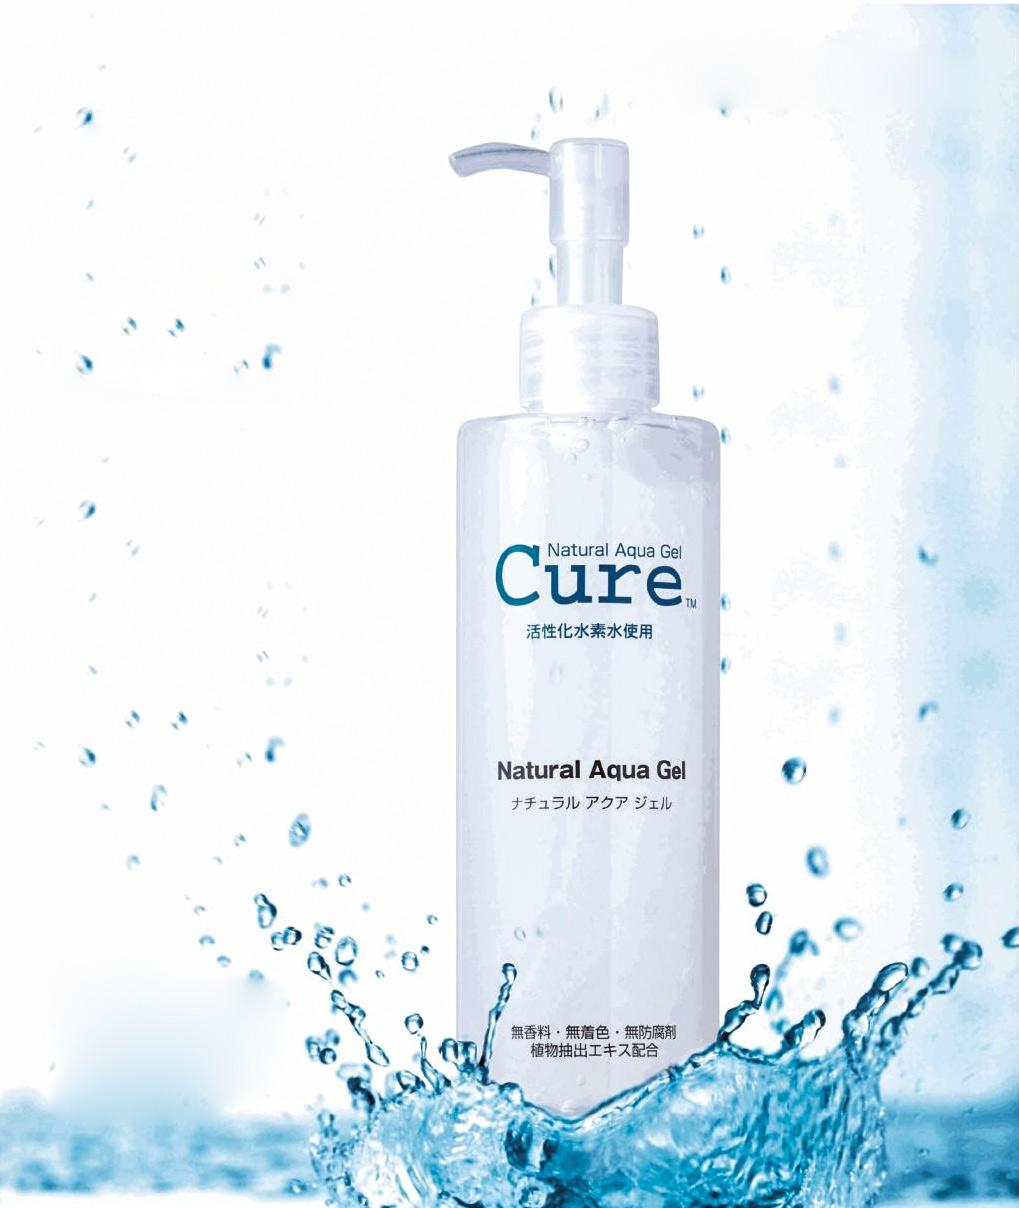 Cure natural aqua 250g: gel tẩy tế bào chết và ngăn ngừa mụn